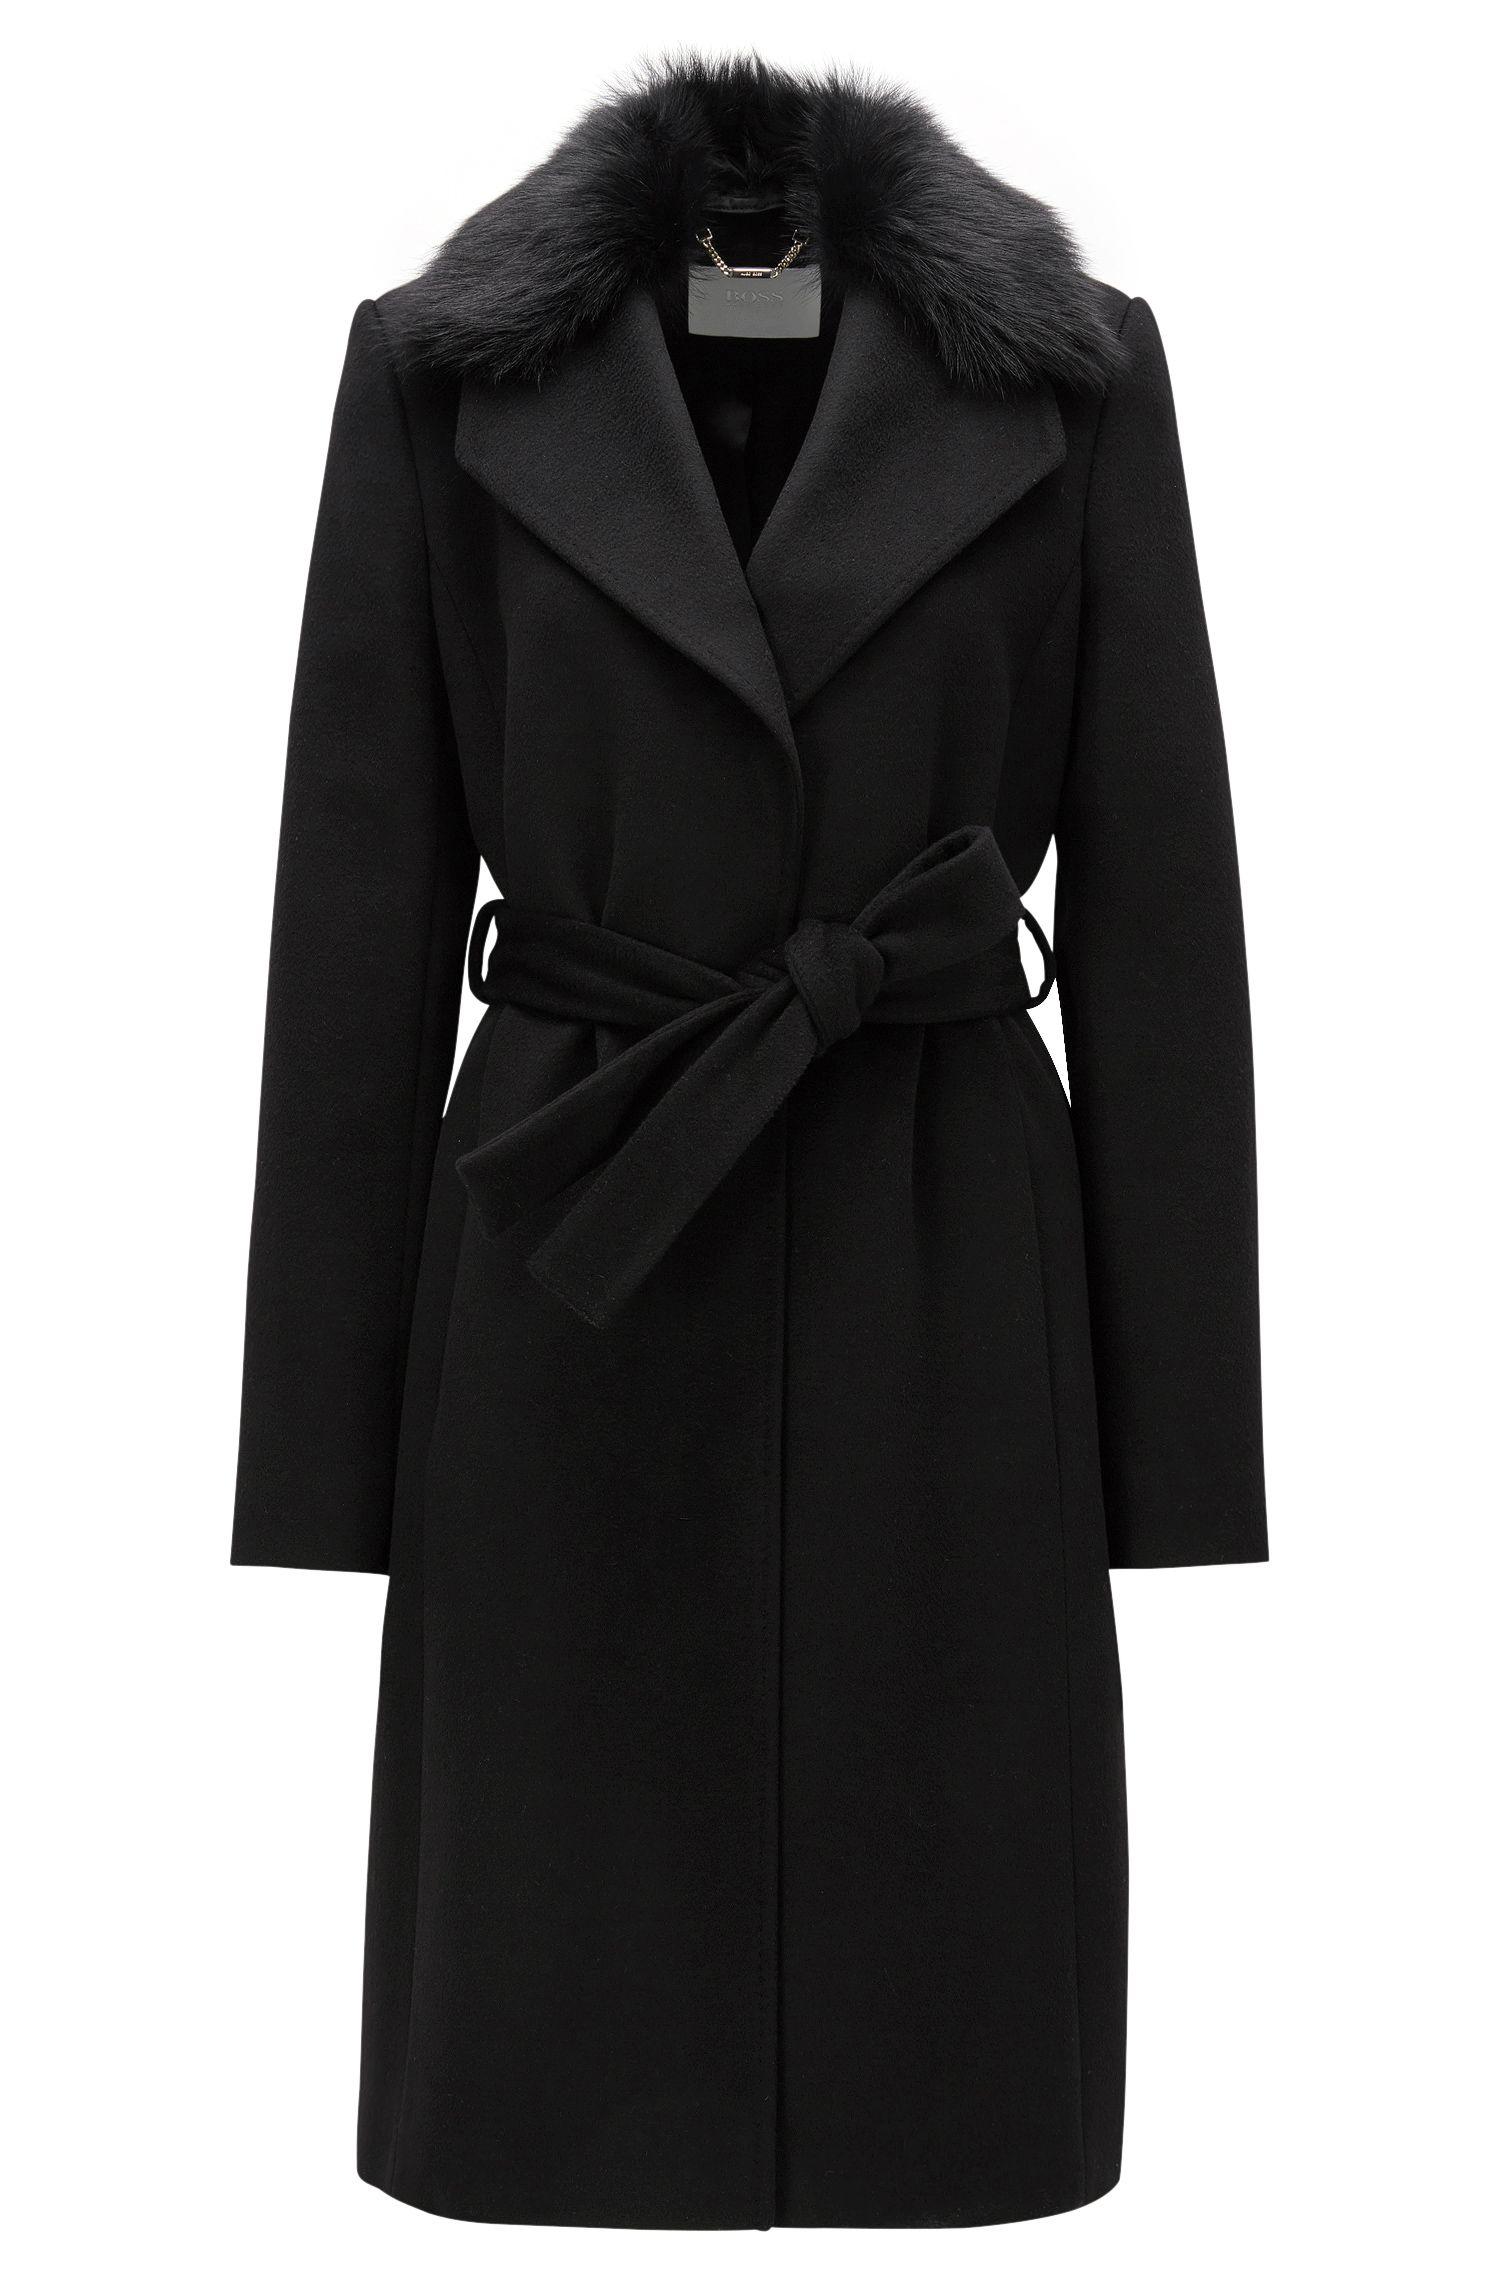 Cappotto in lana regular fit con colletto in pelliccia